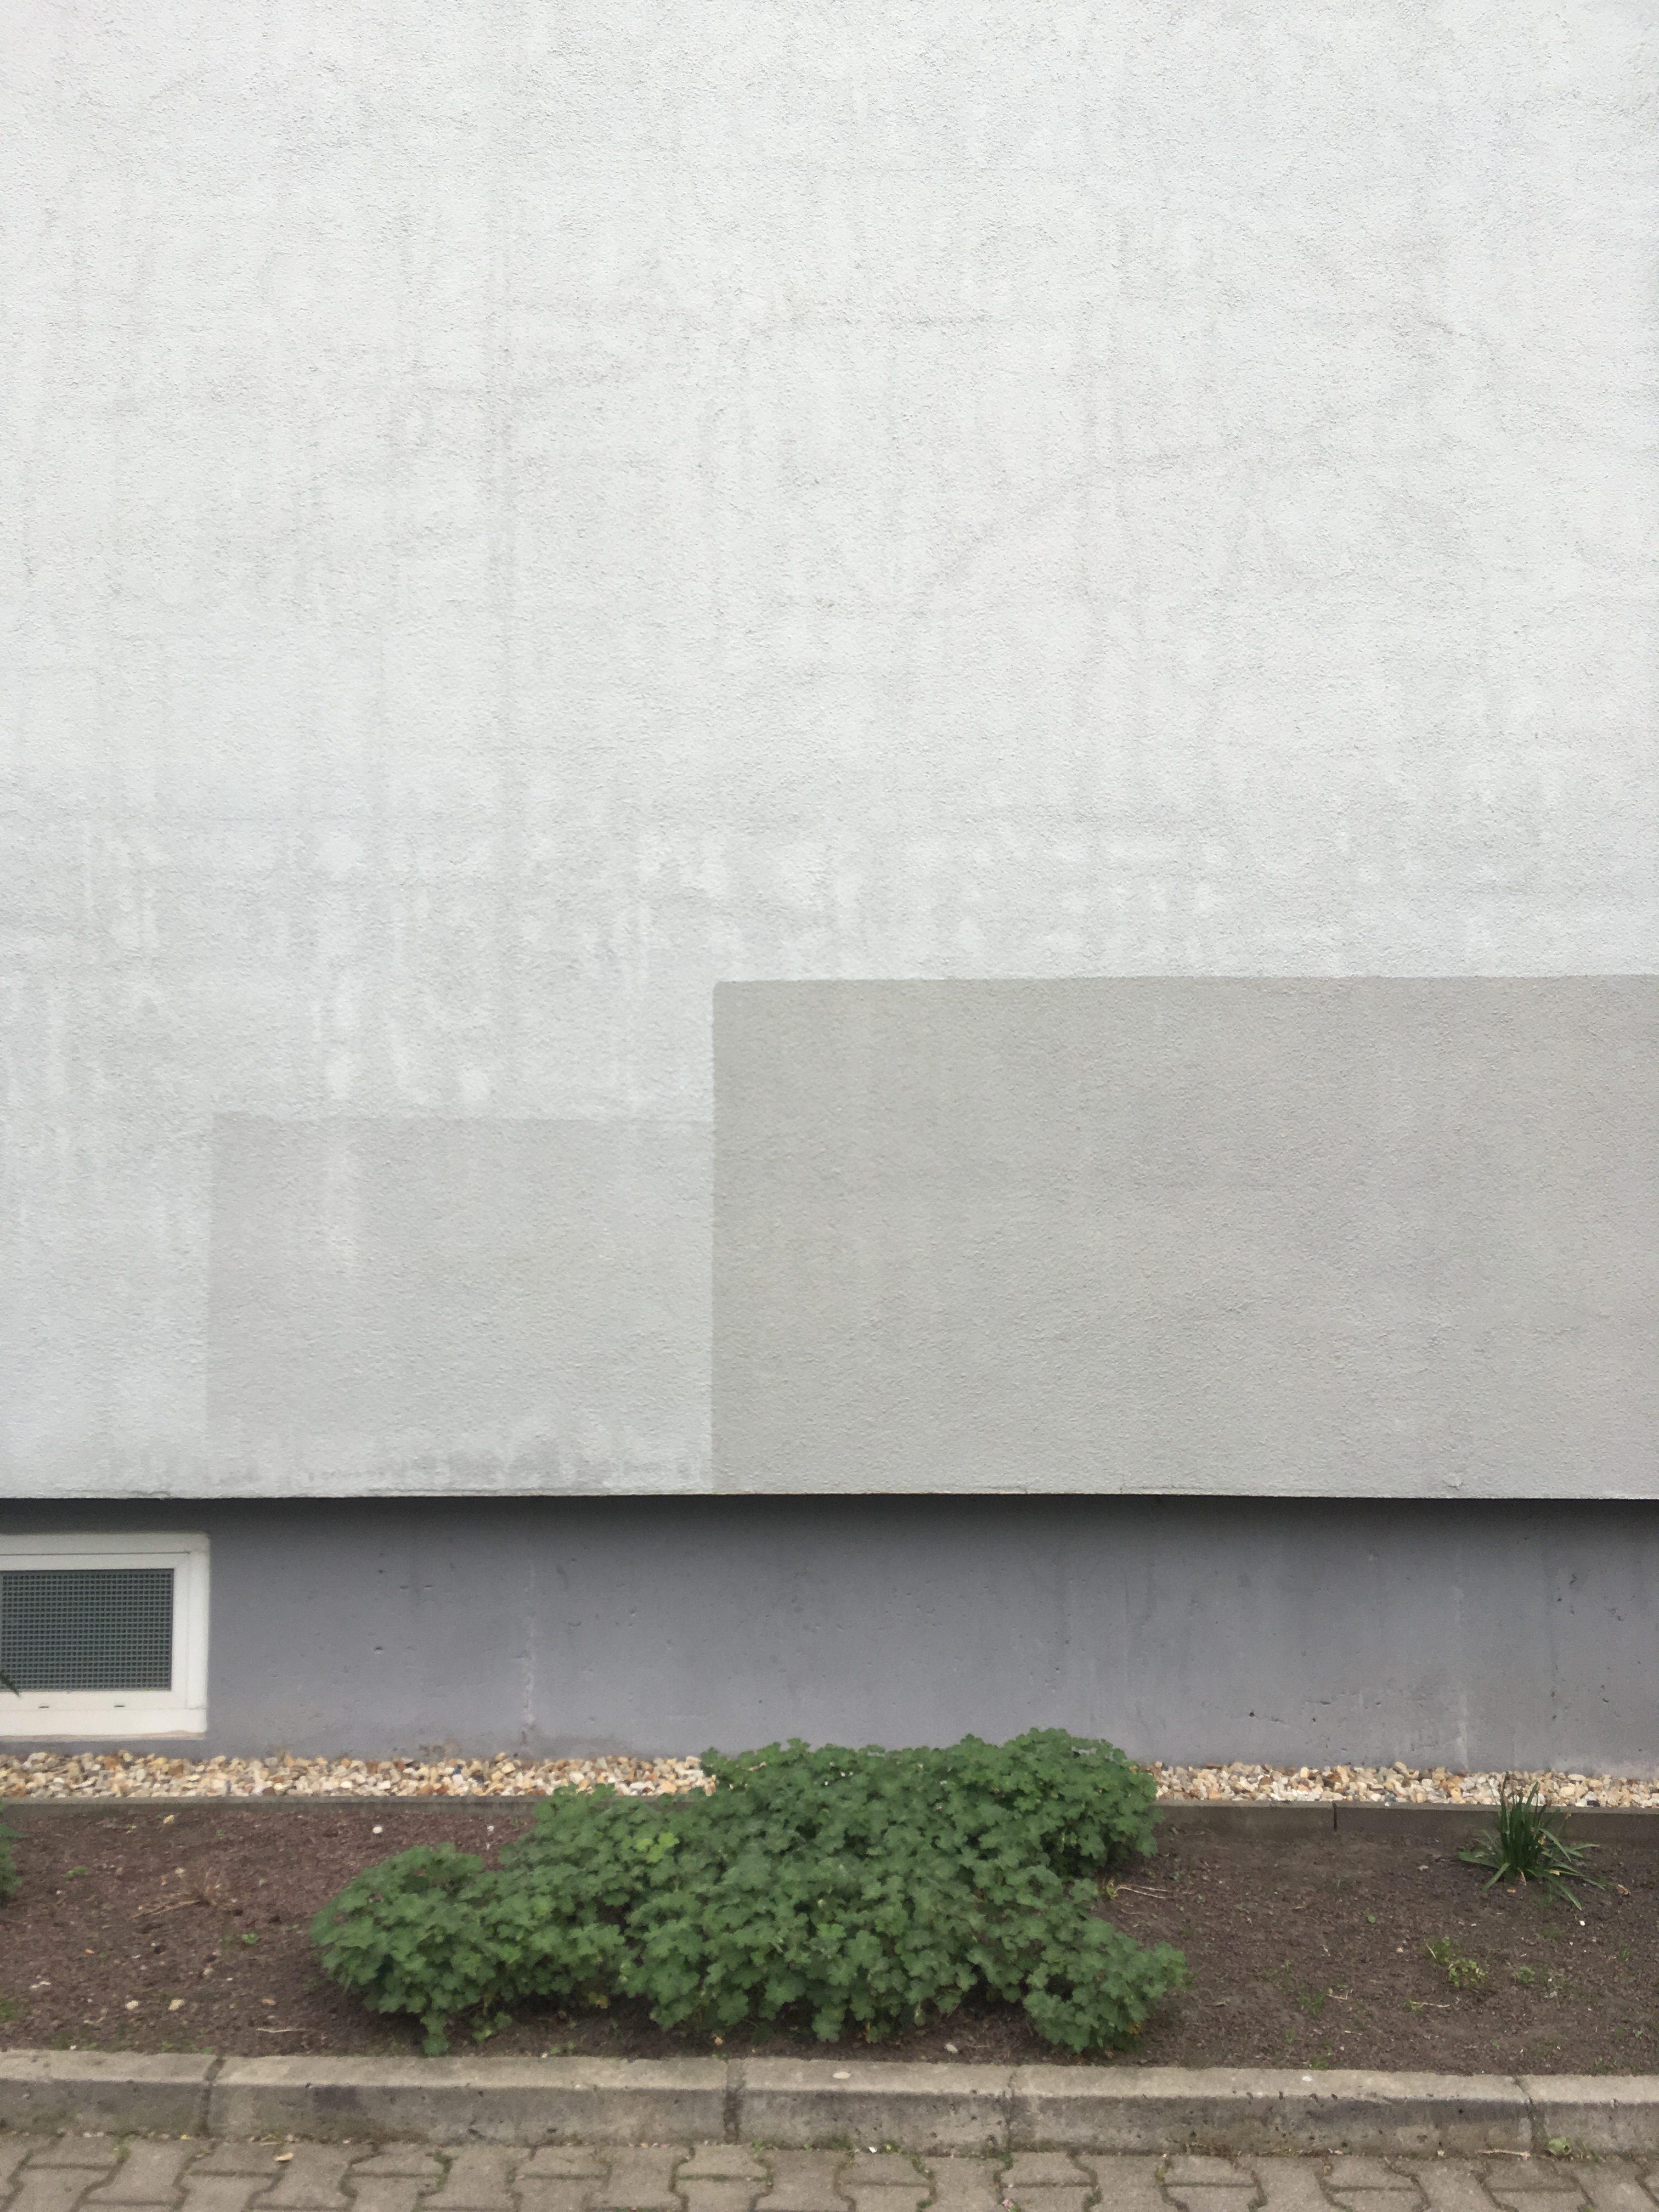 Überstrichenes Graffiti, Farbflächen, Wand in Halle/Saale